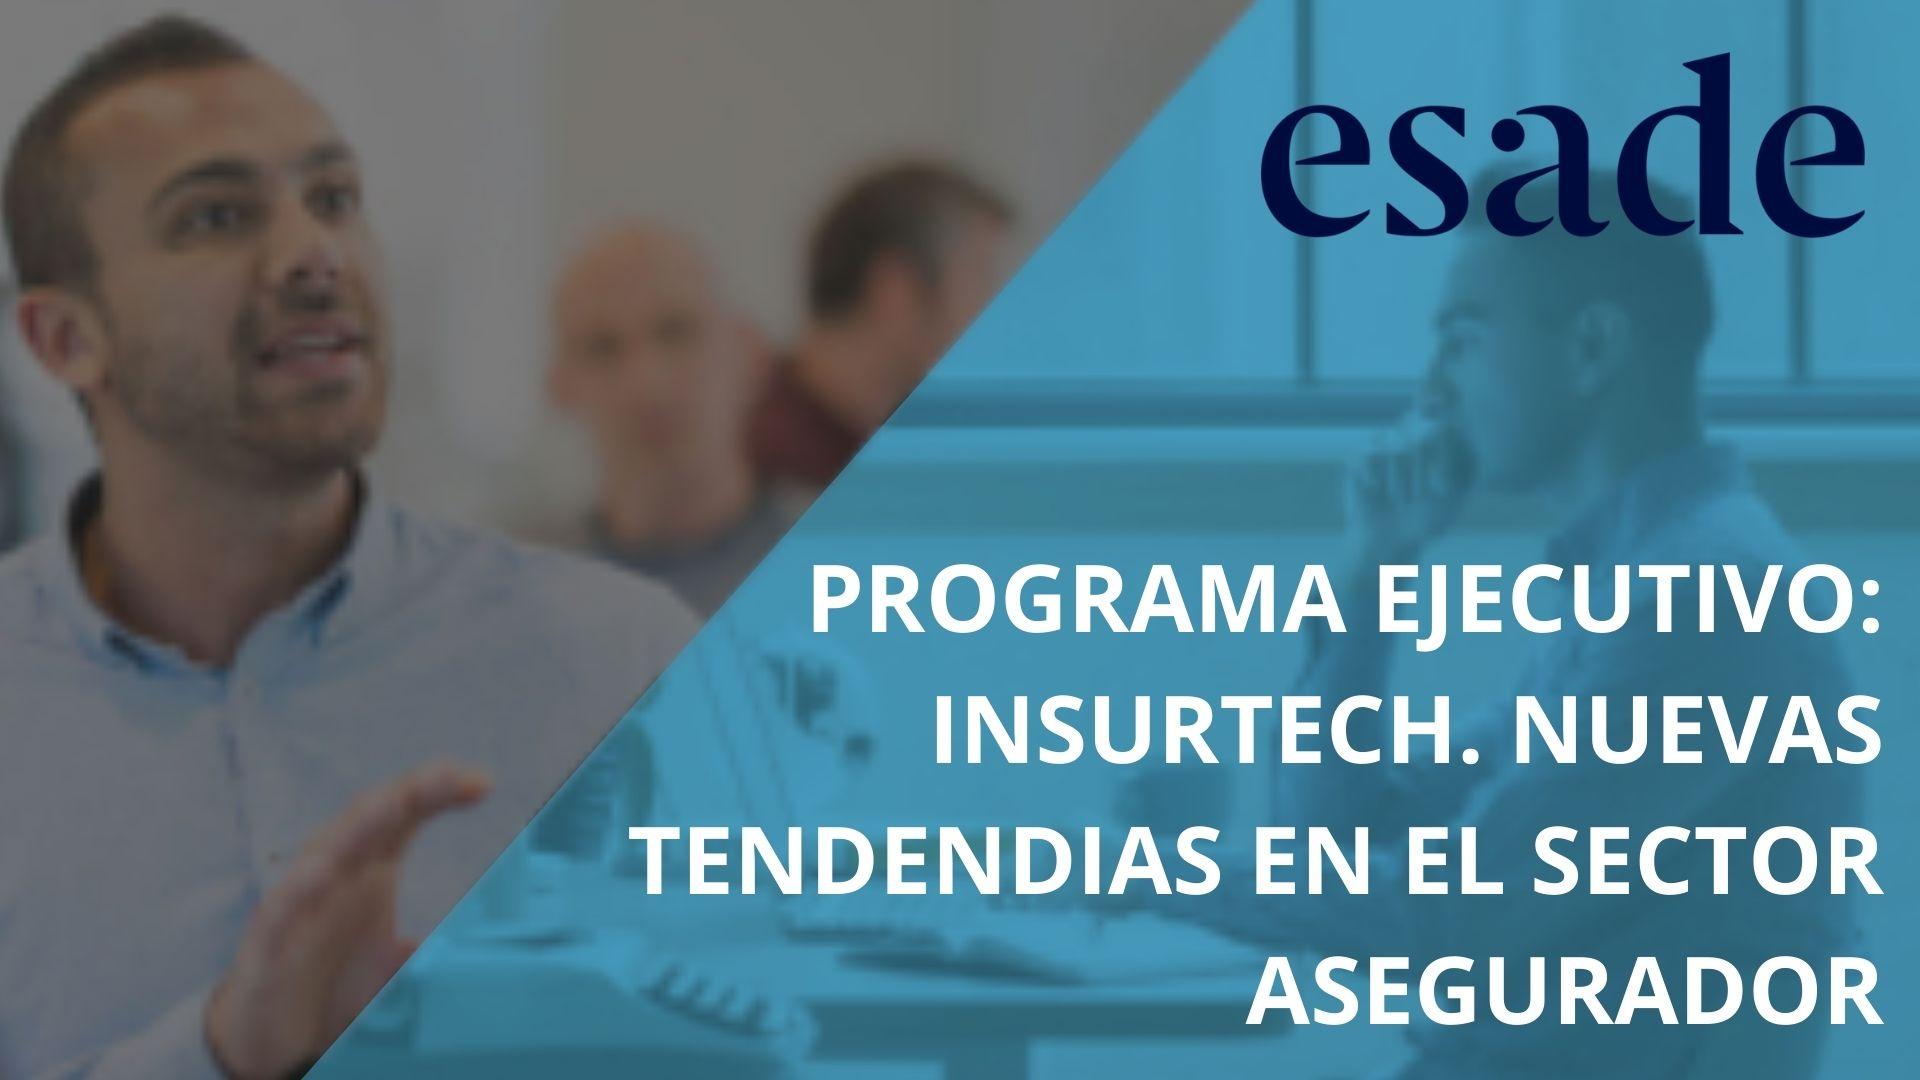 INSURTECH ESADE - Cámara Comercio Murcia